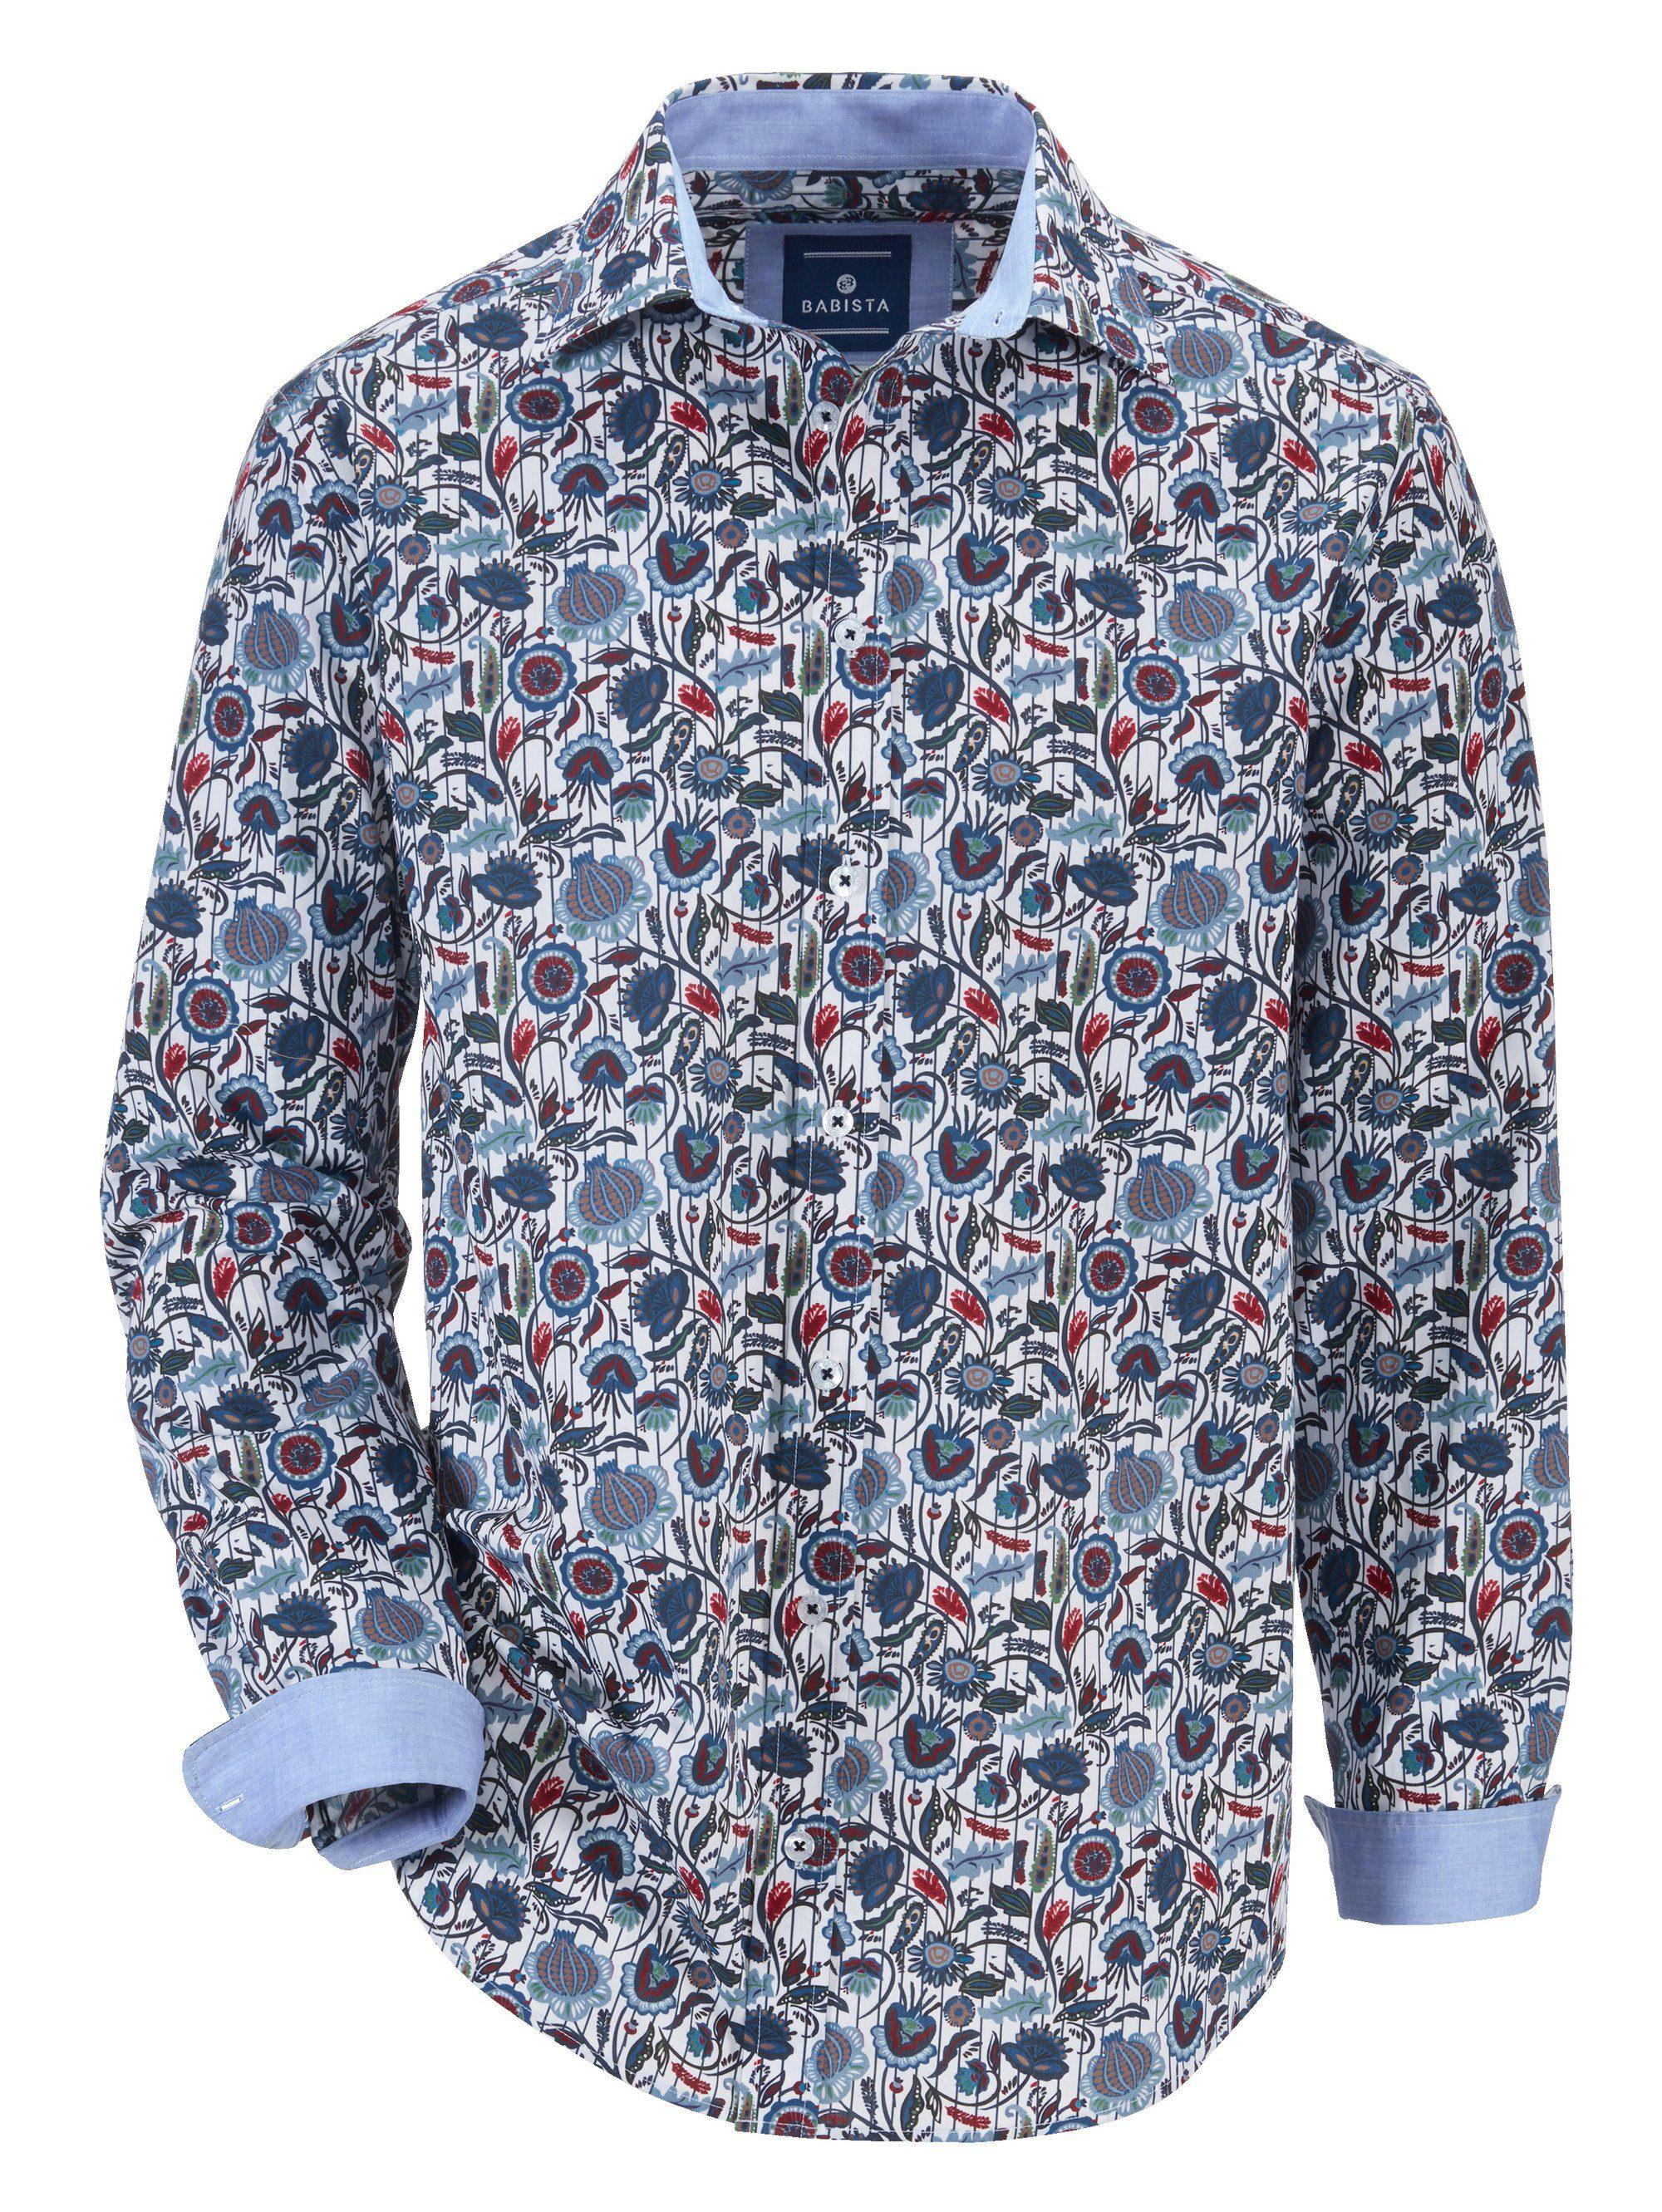 Babista Hemd mit modischem Druckmuster, Florales Druckmuster rundum online kaufen | OTTO